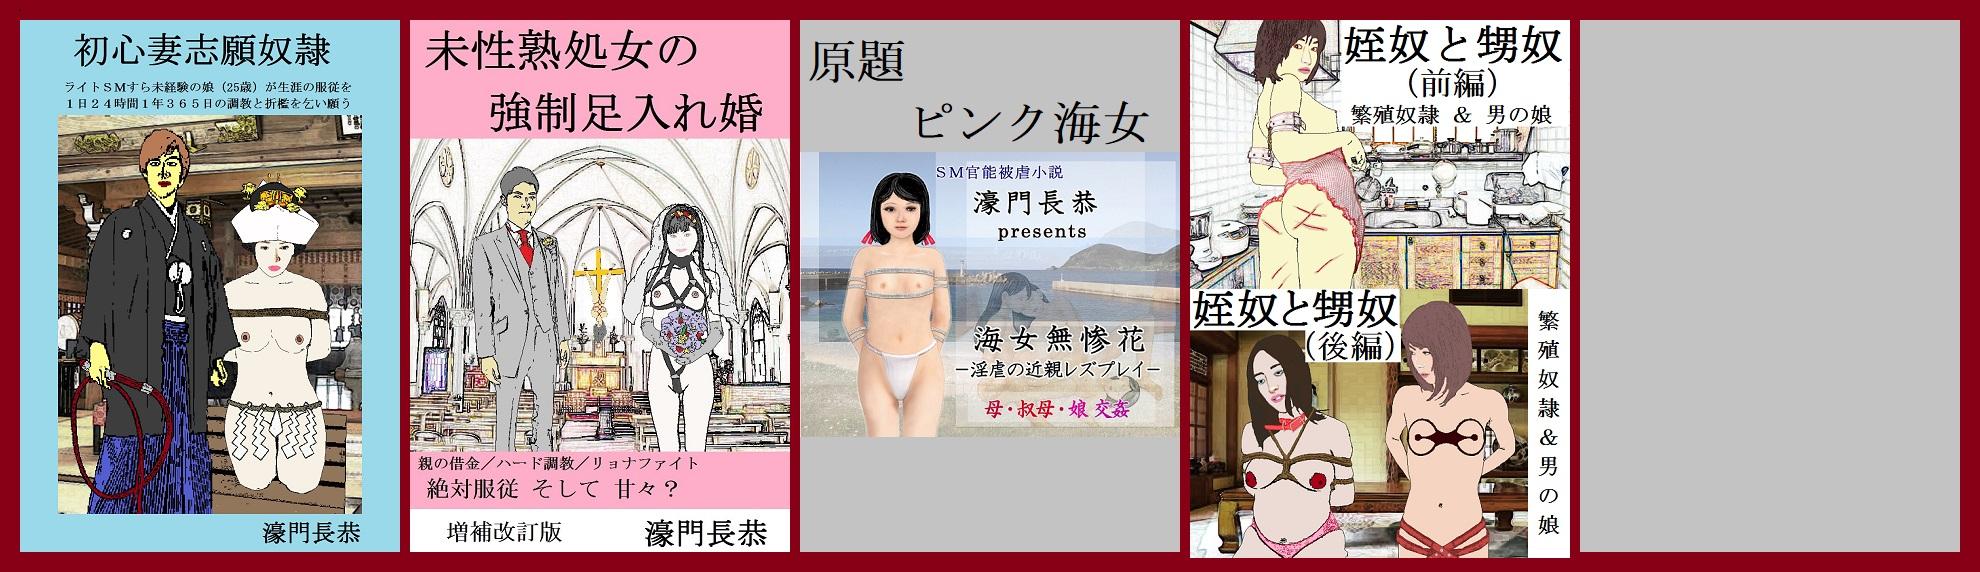 本棚71/現代の少女(と年増)next